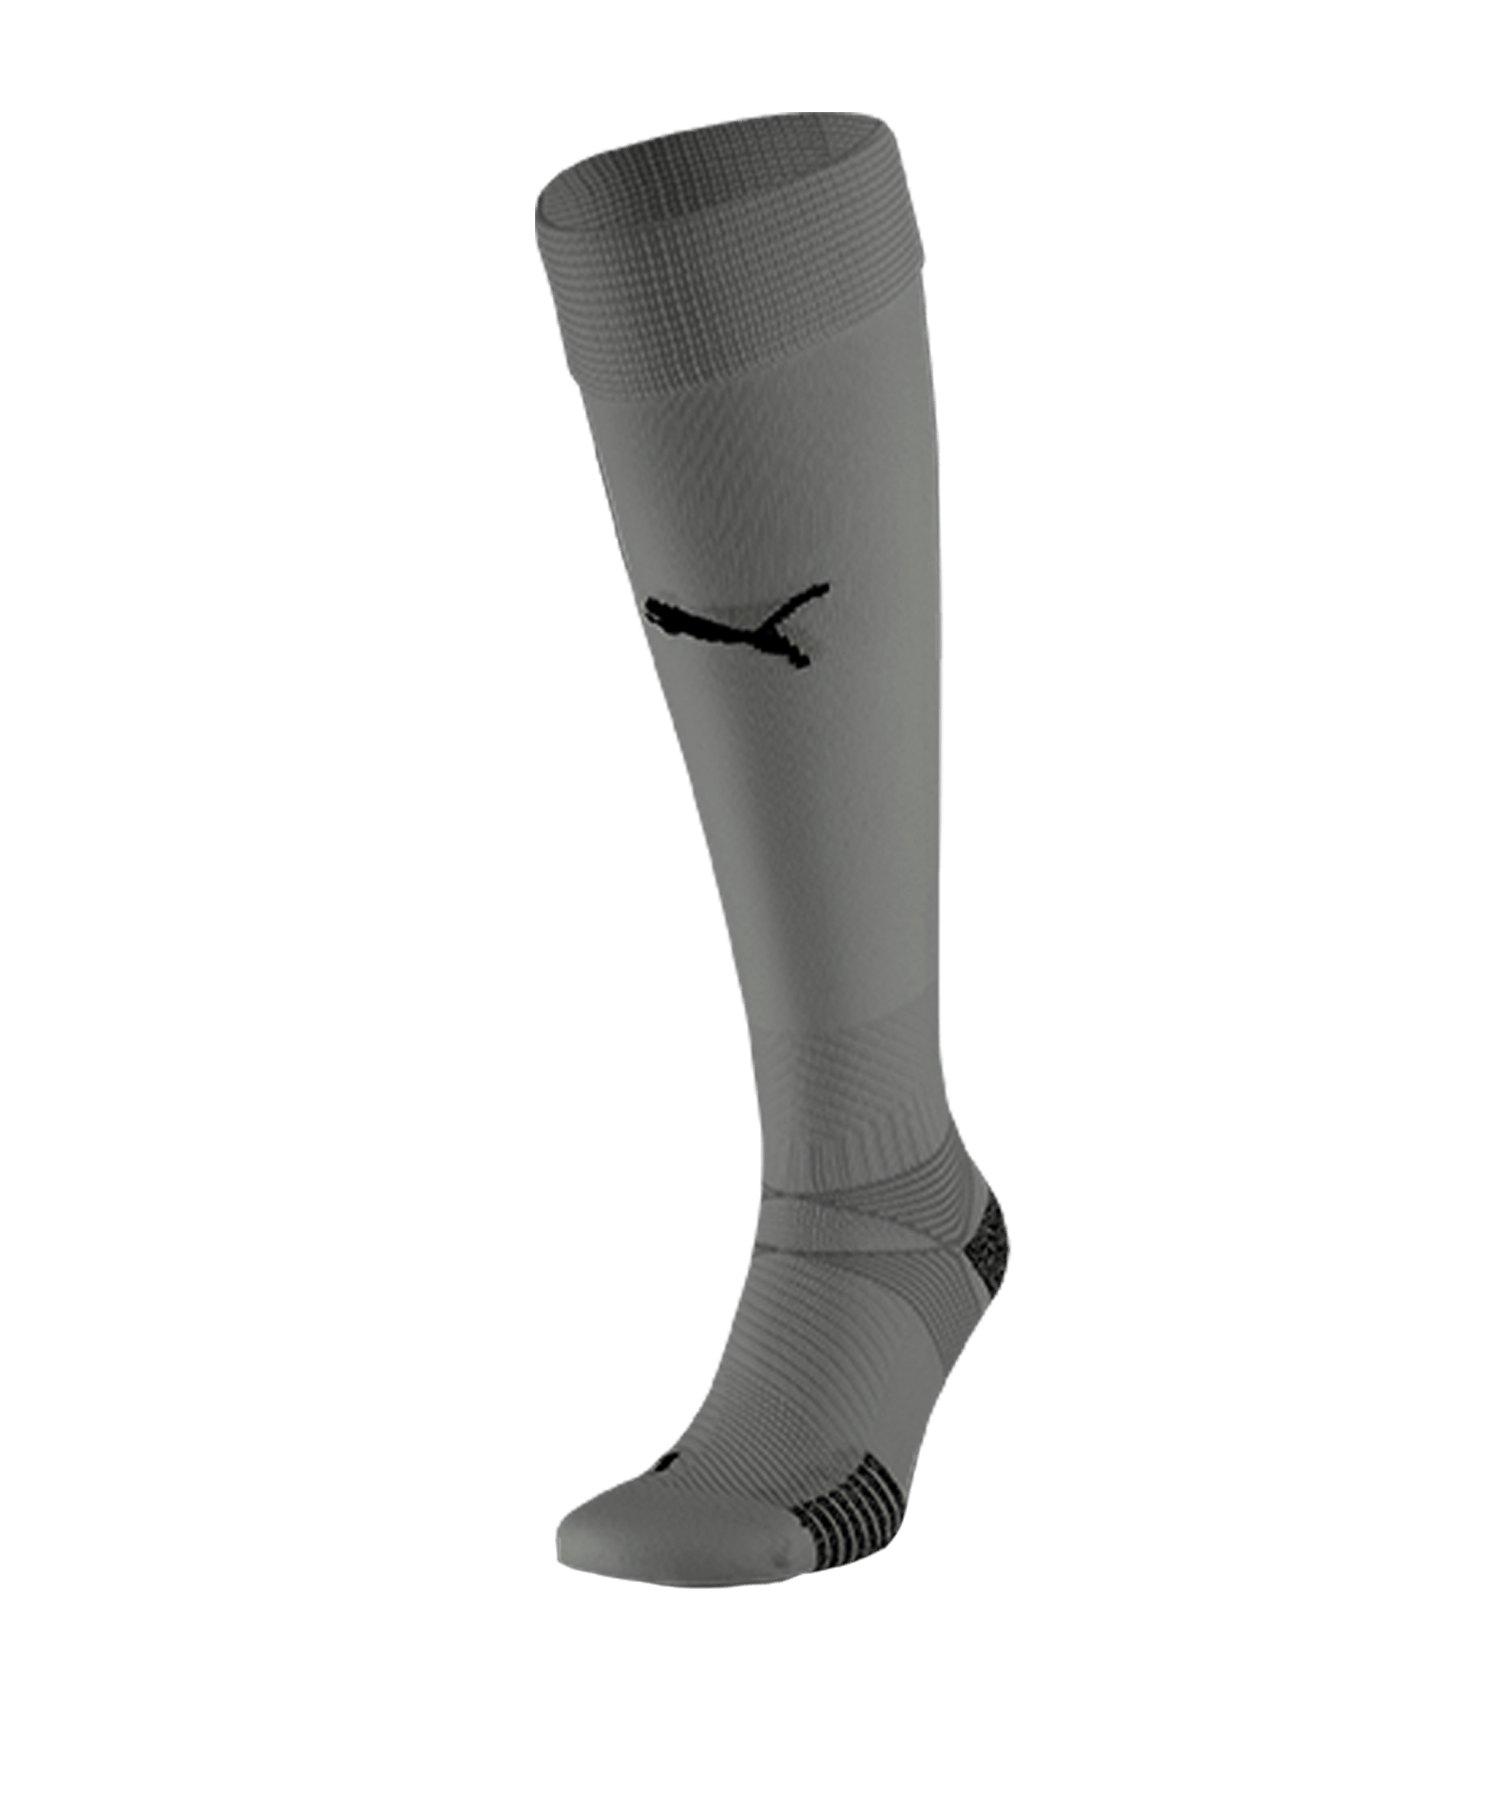 Puma teamFINAL 21 Socks Stutzenstrümpfe Grau F13 - grau